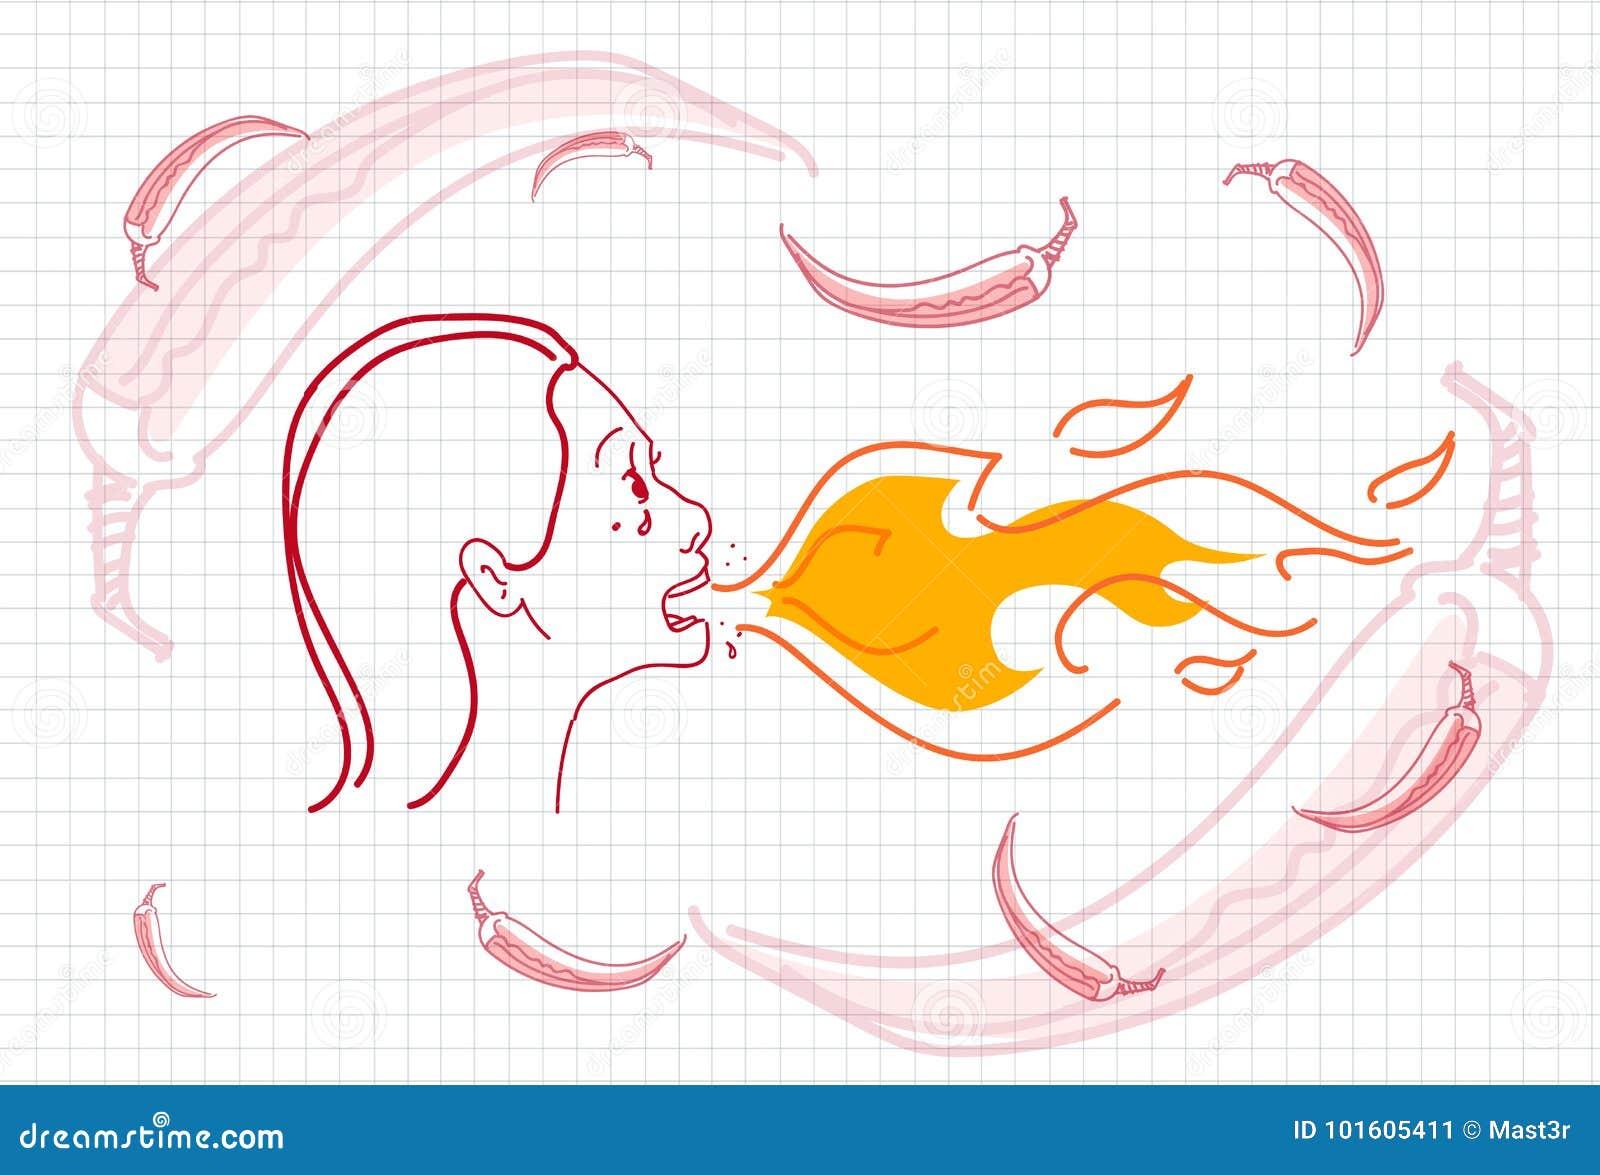 Le feu de respiration femelle, Chili Pepper Concept Sketch chaud